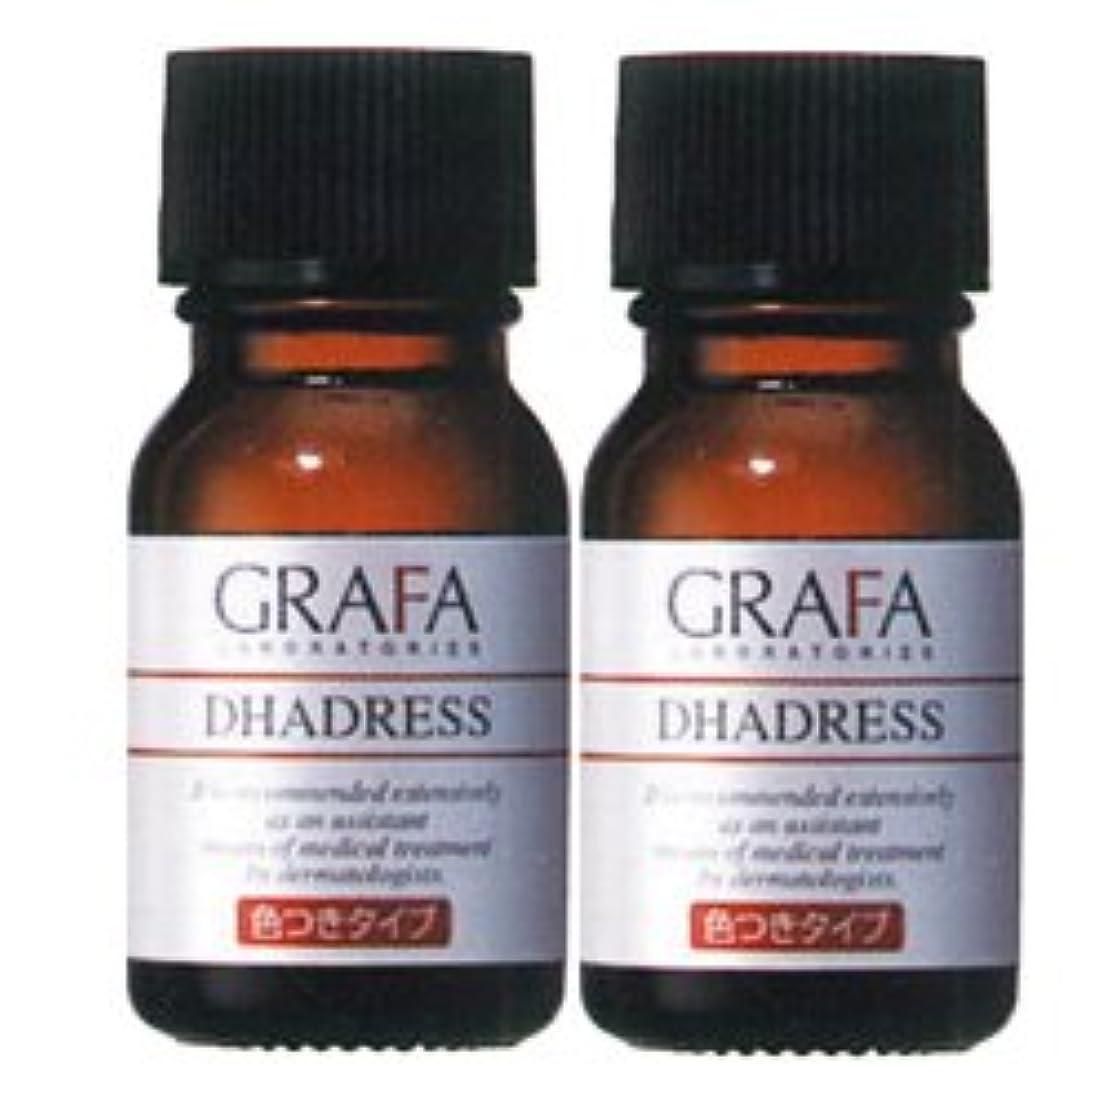 事務所他の場所動的グラファ ダドレスC (色つきタイプ) 11mL×2本 着色用化粧水 GRAFA DHADRESS